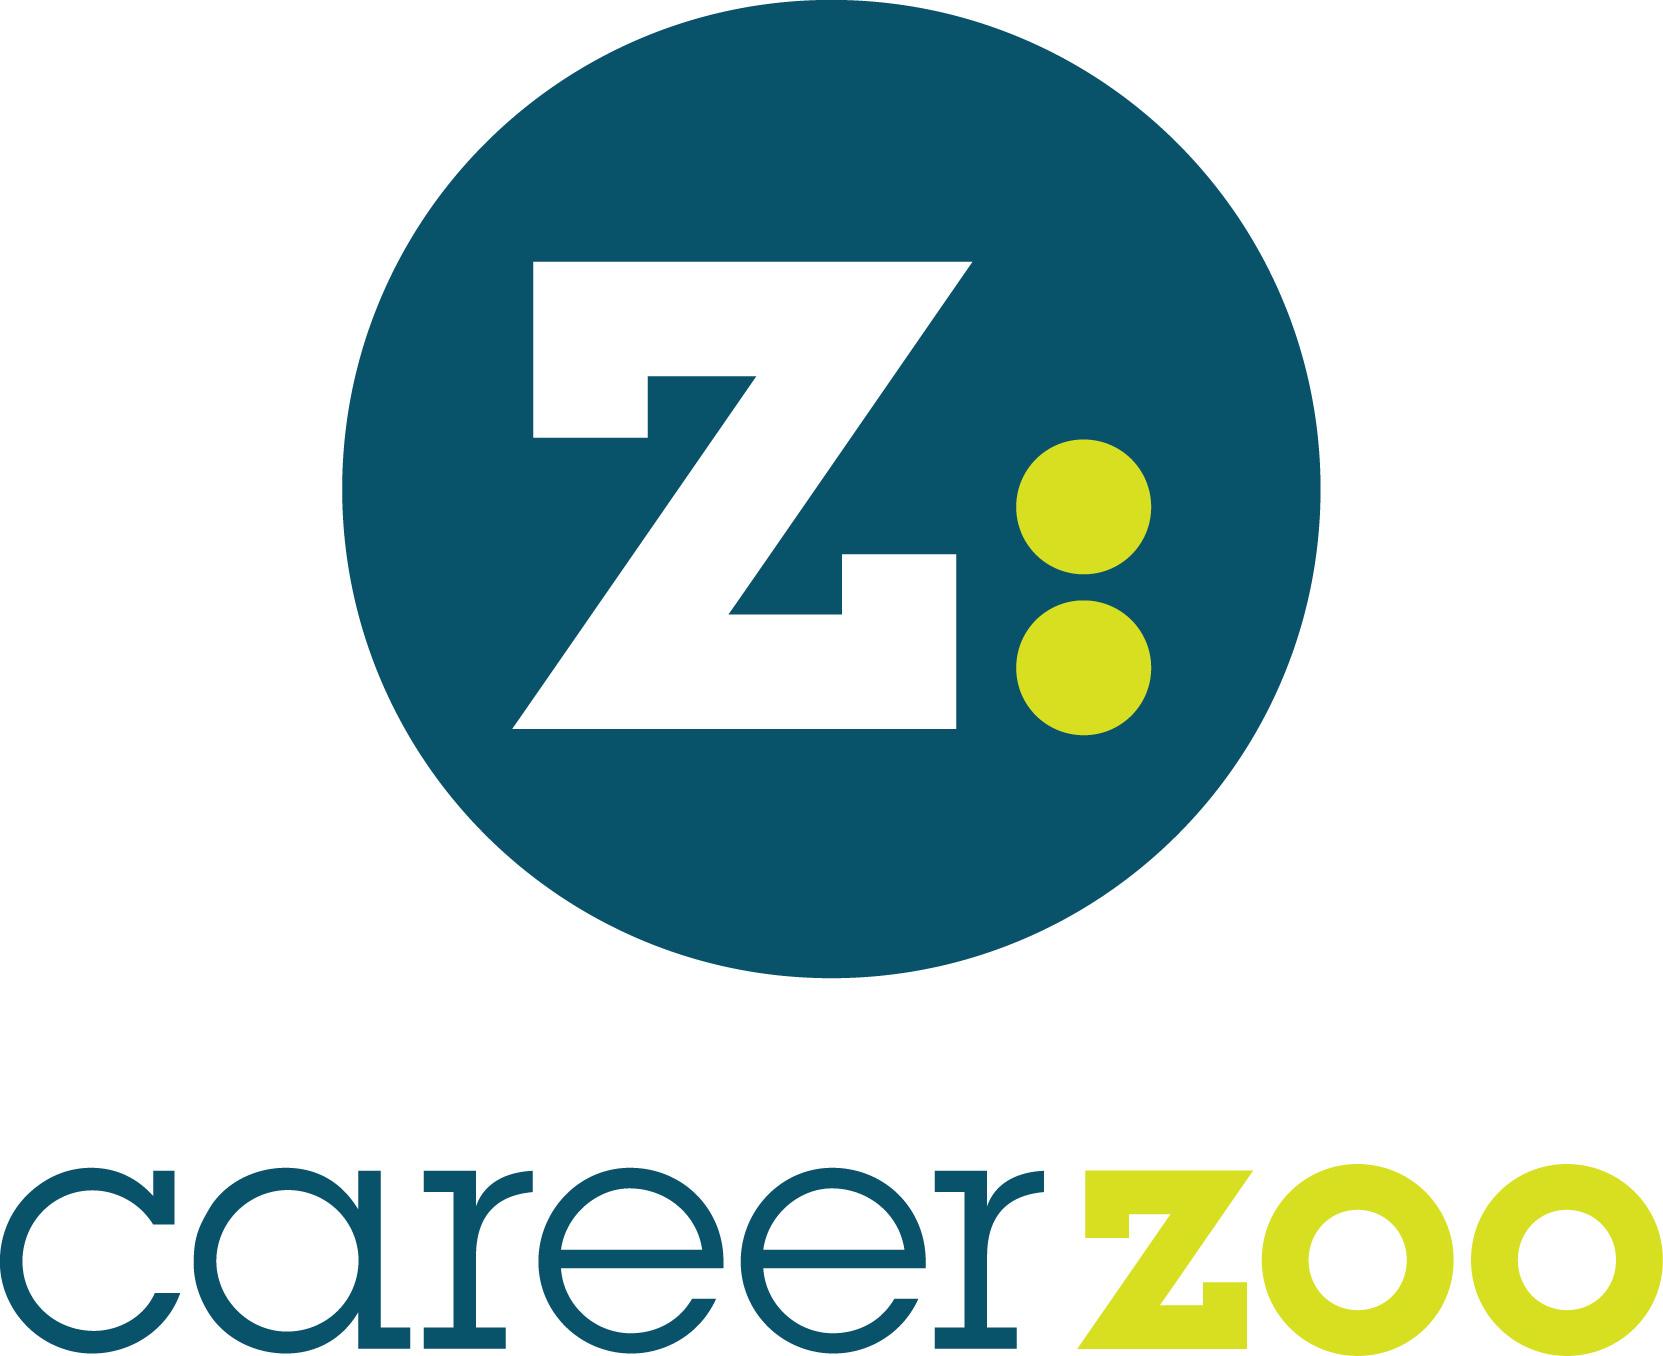 Career Zoo Dublin